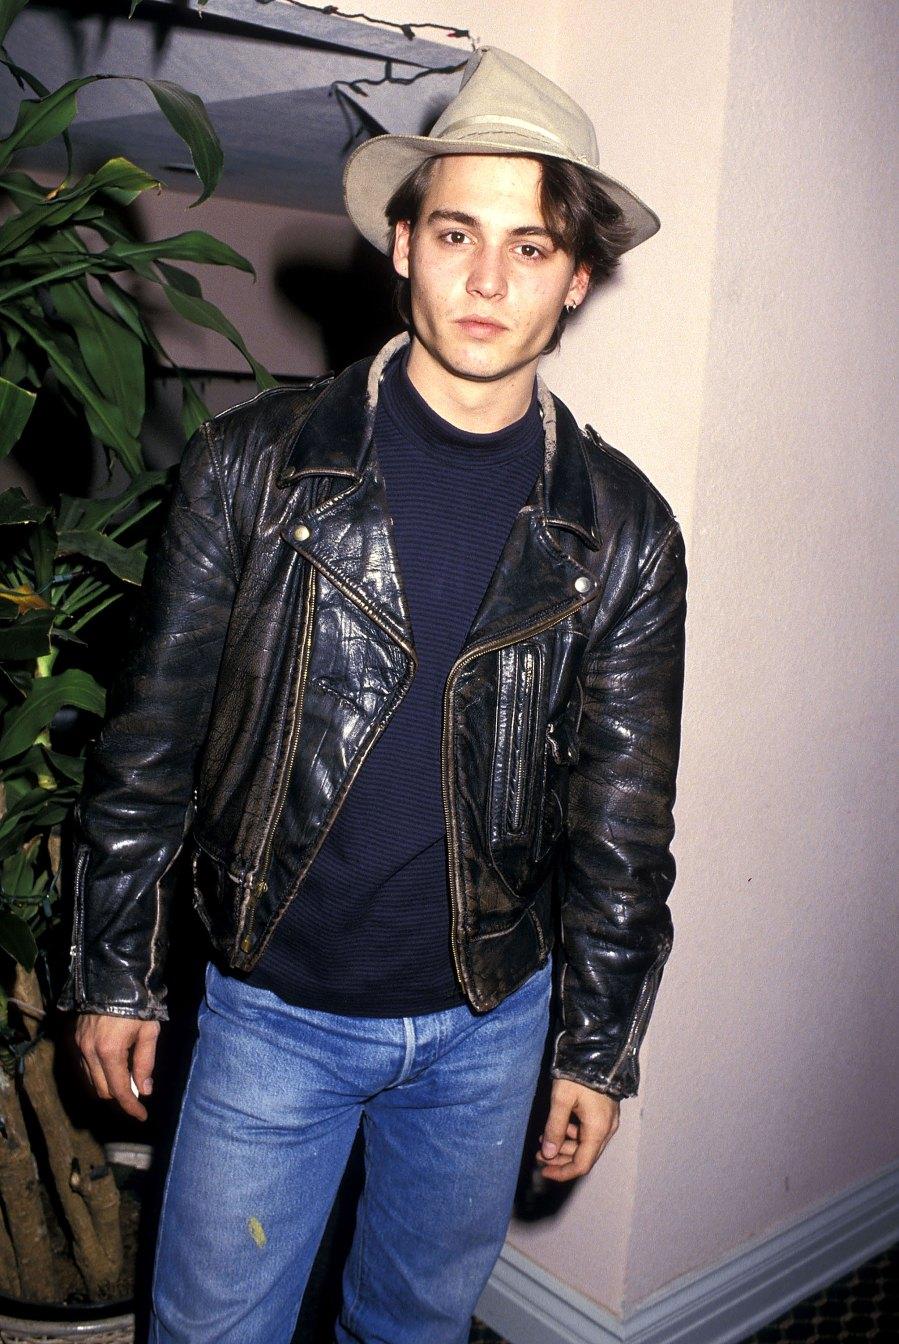 Johnny Depps Wild Style Evolution: His Craziest Fashion